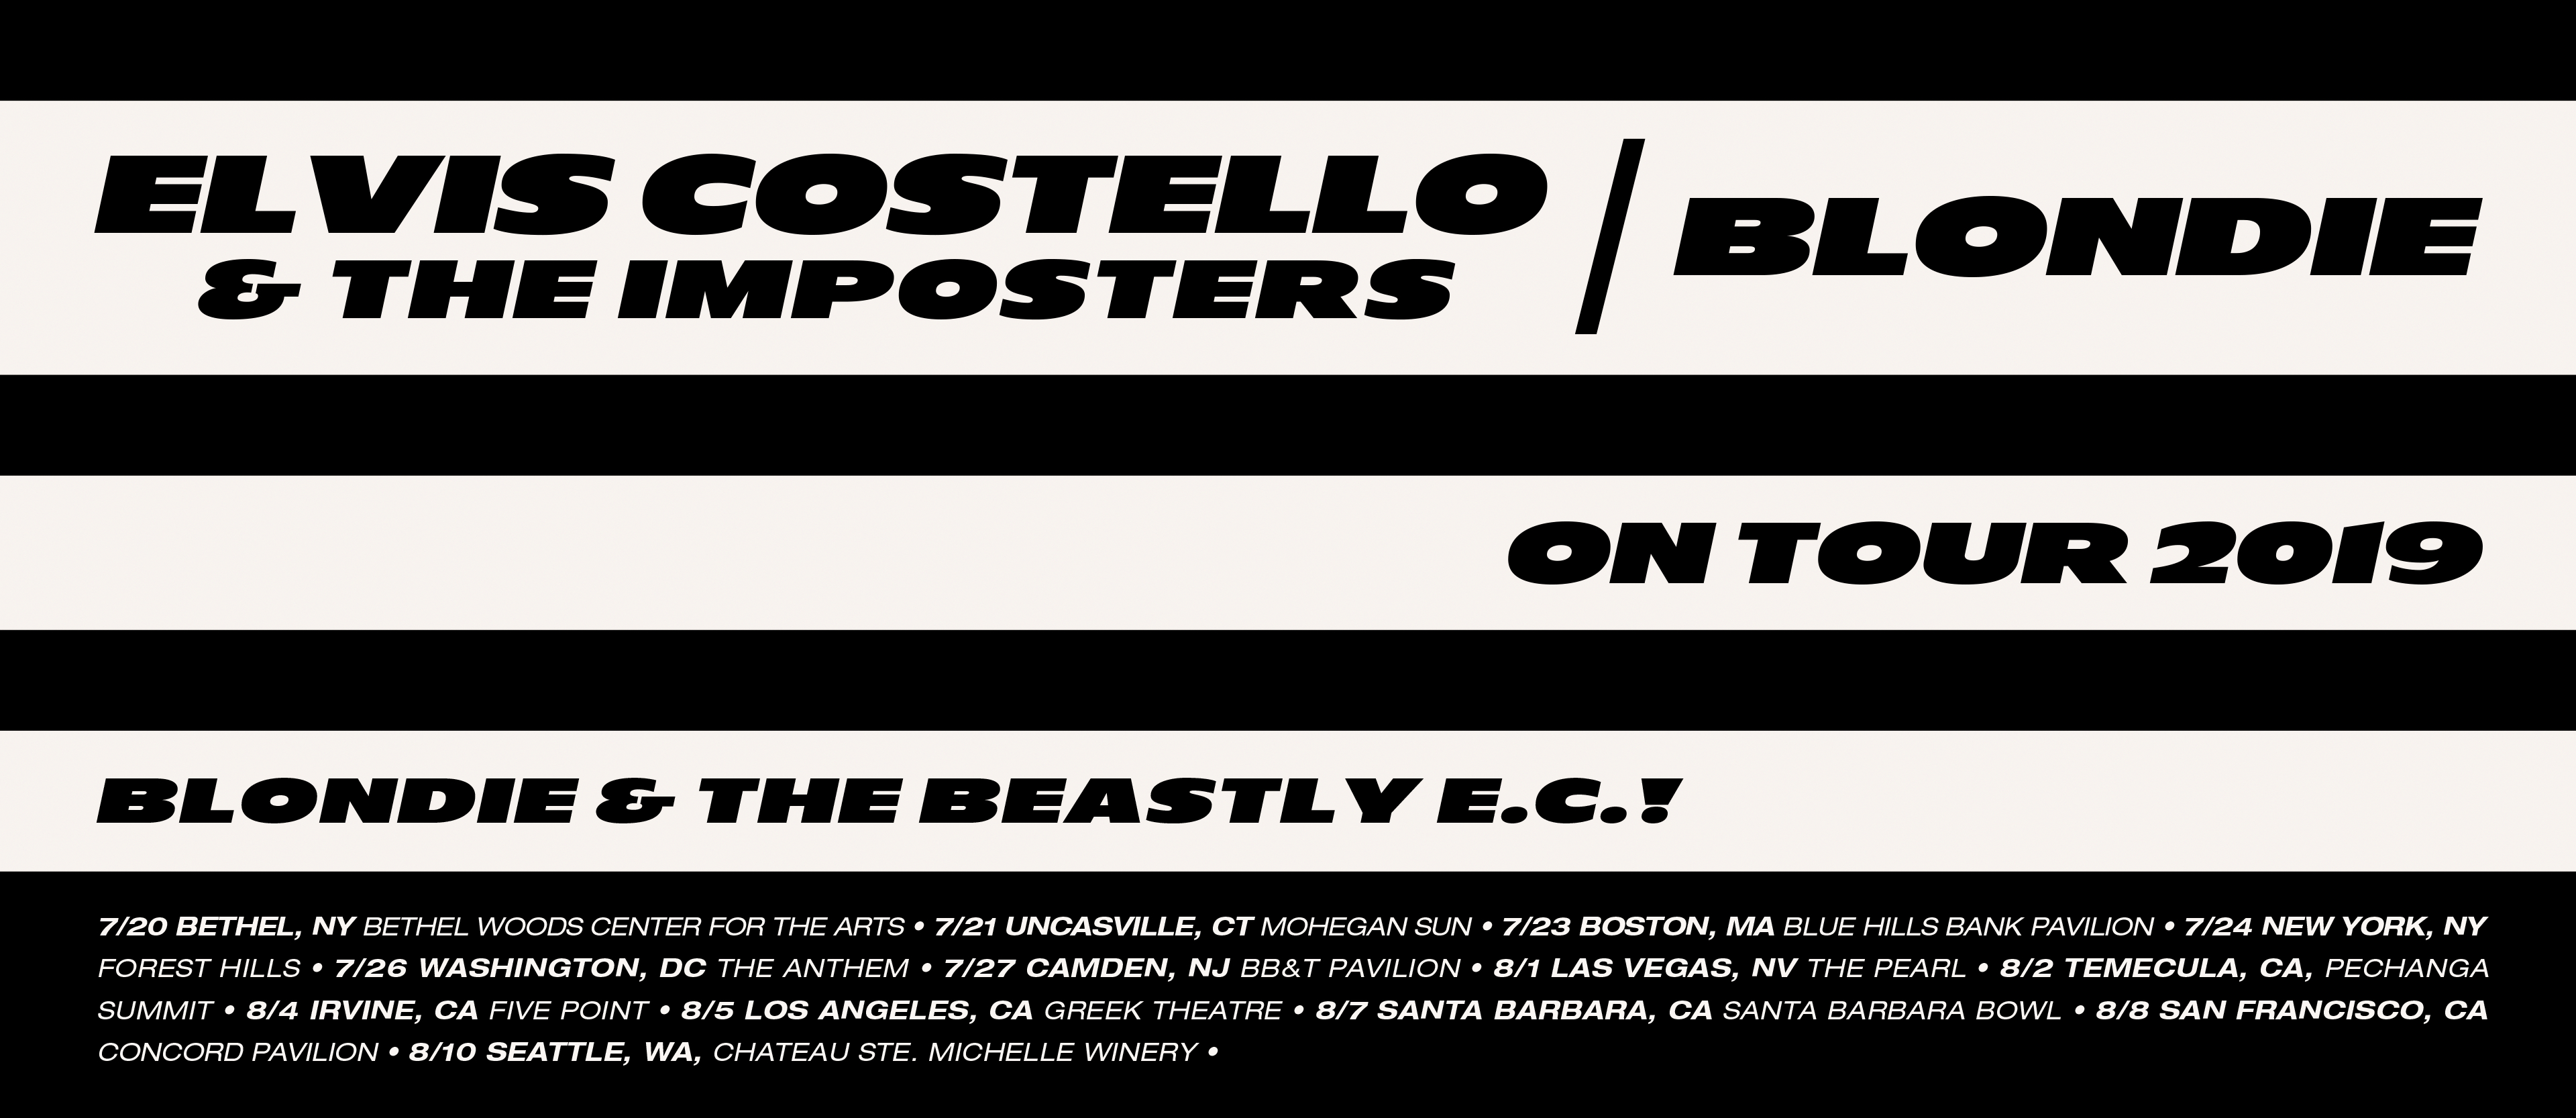 Elvis Costello - Home